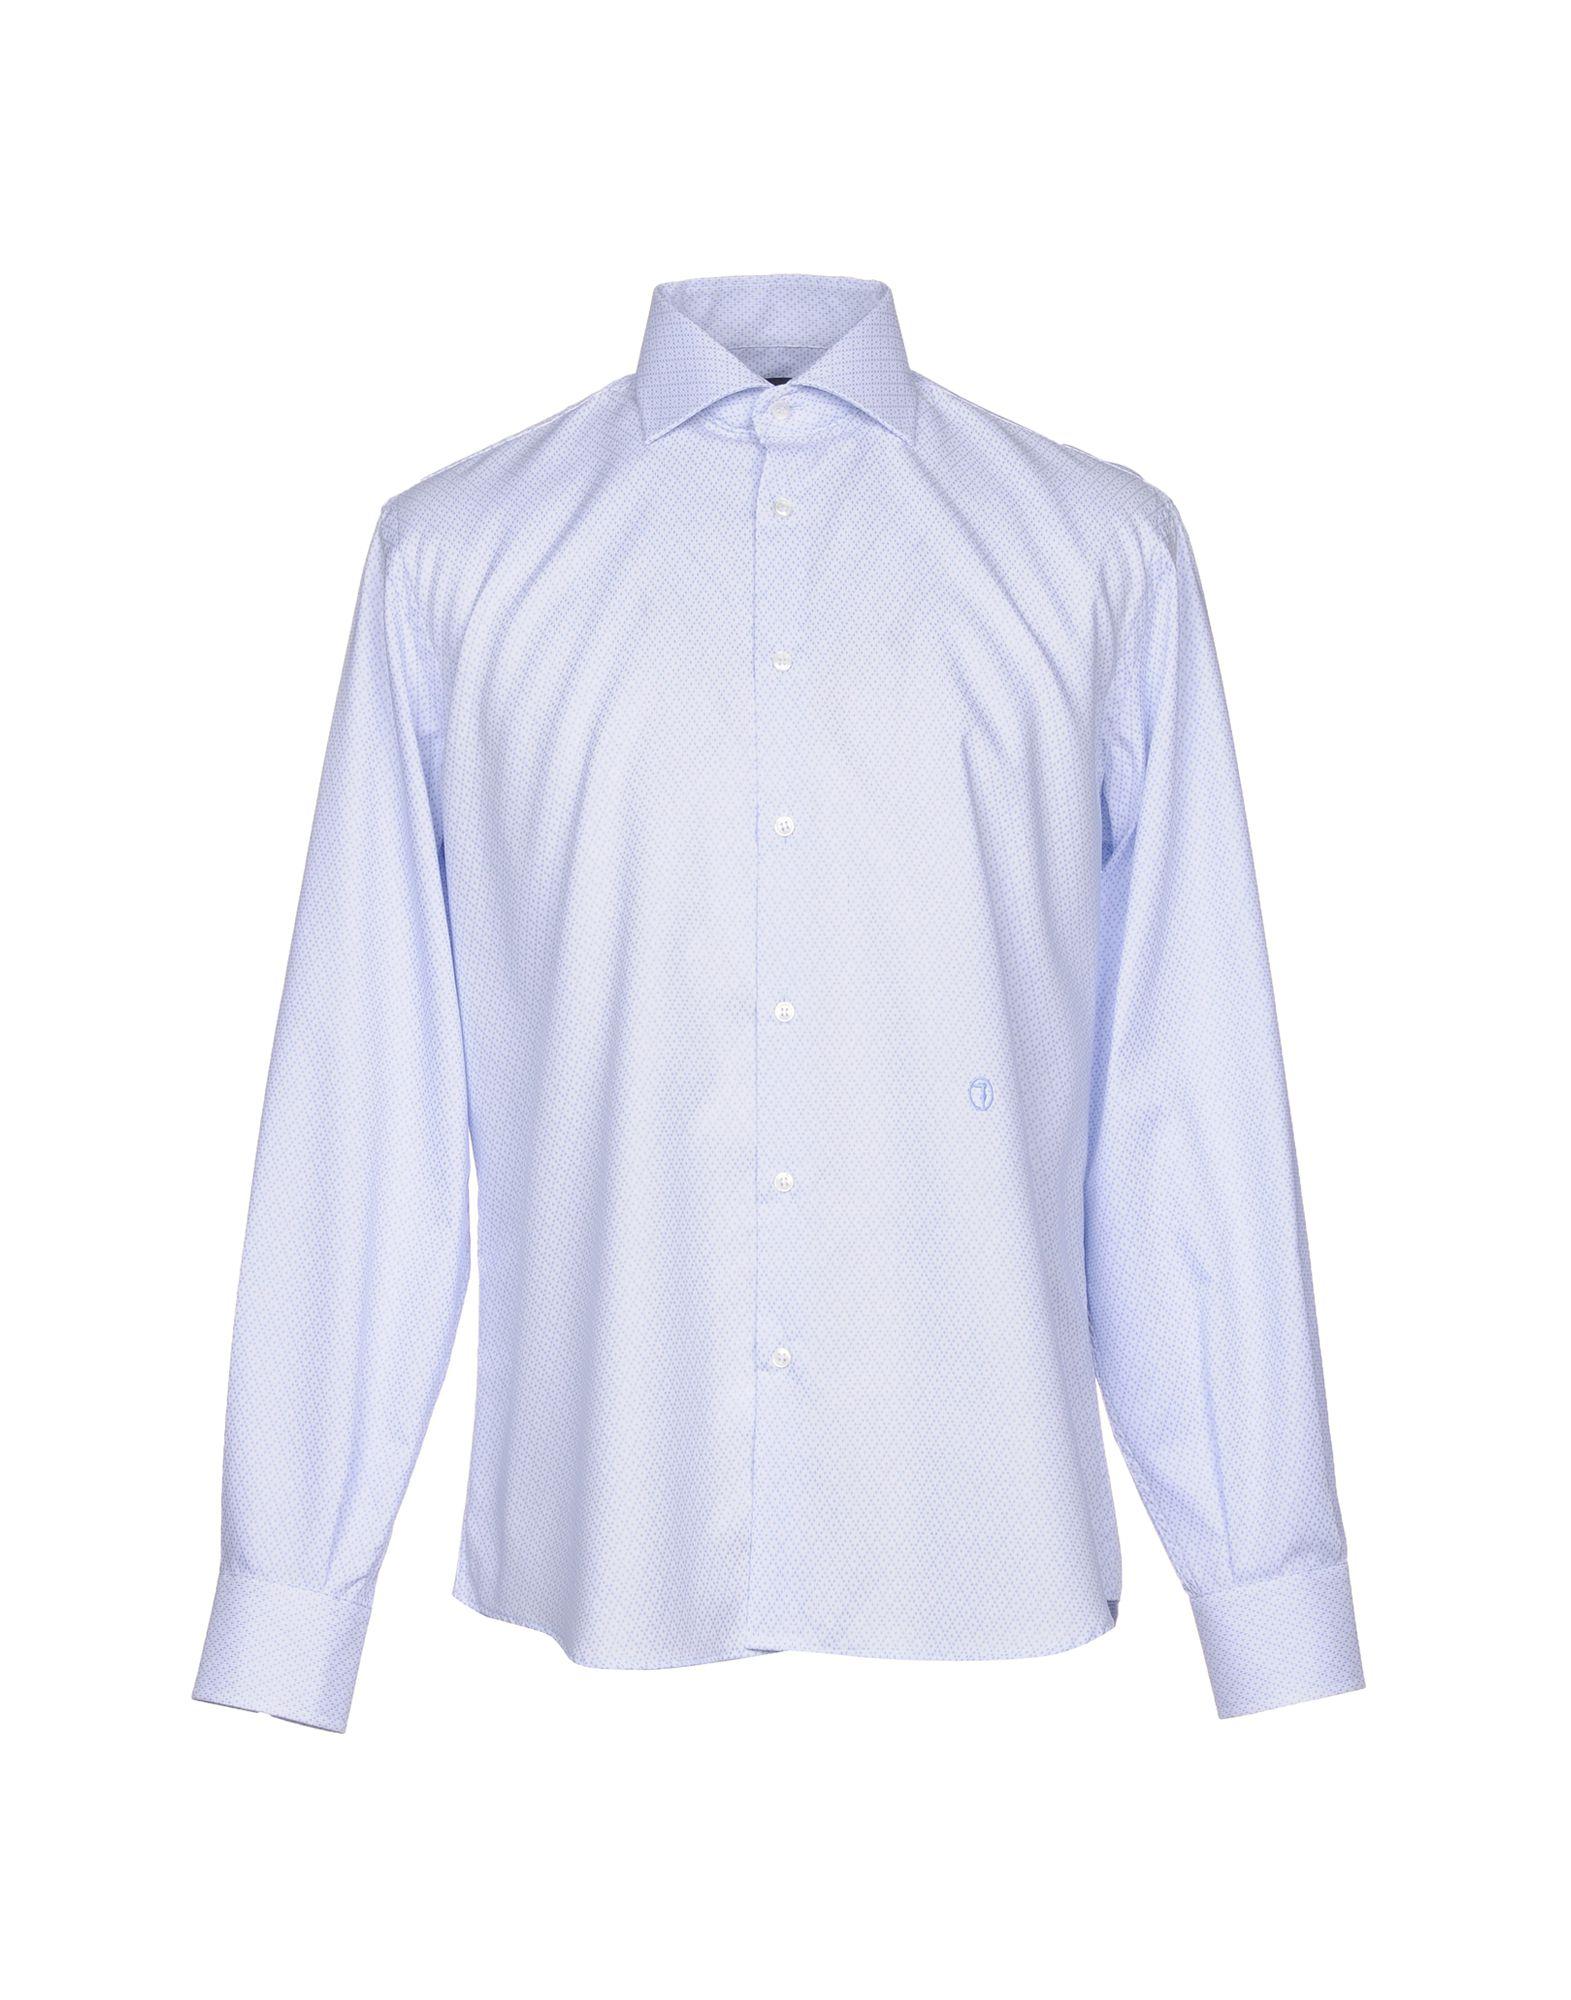 TRU TRUSSARDI Patterned Shirt in Azure